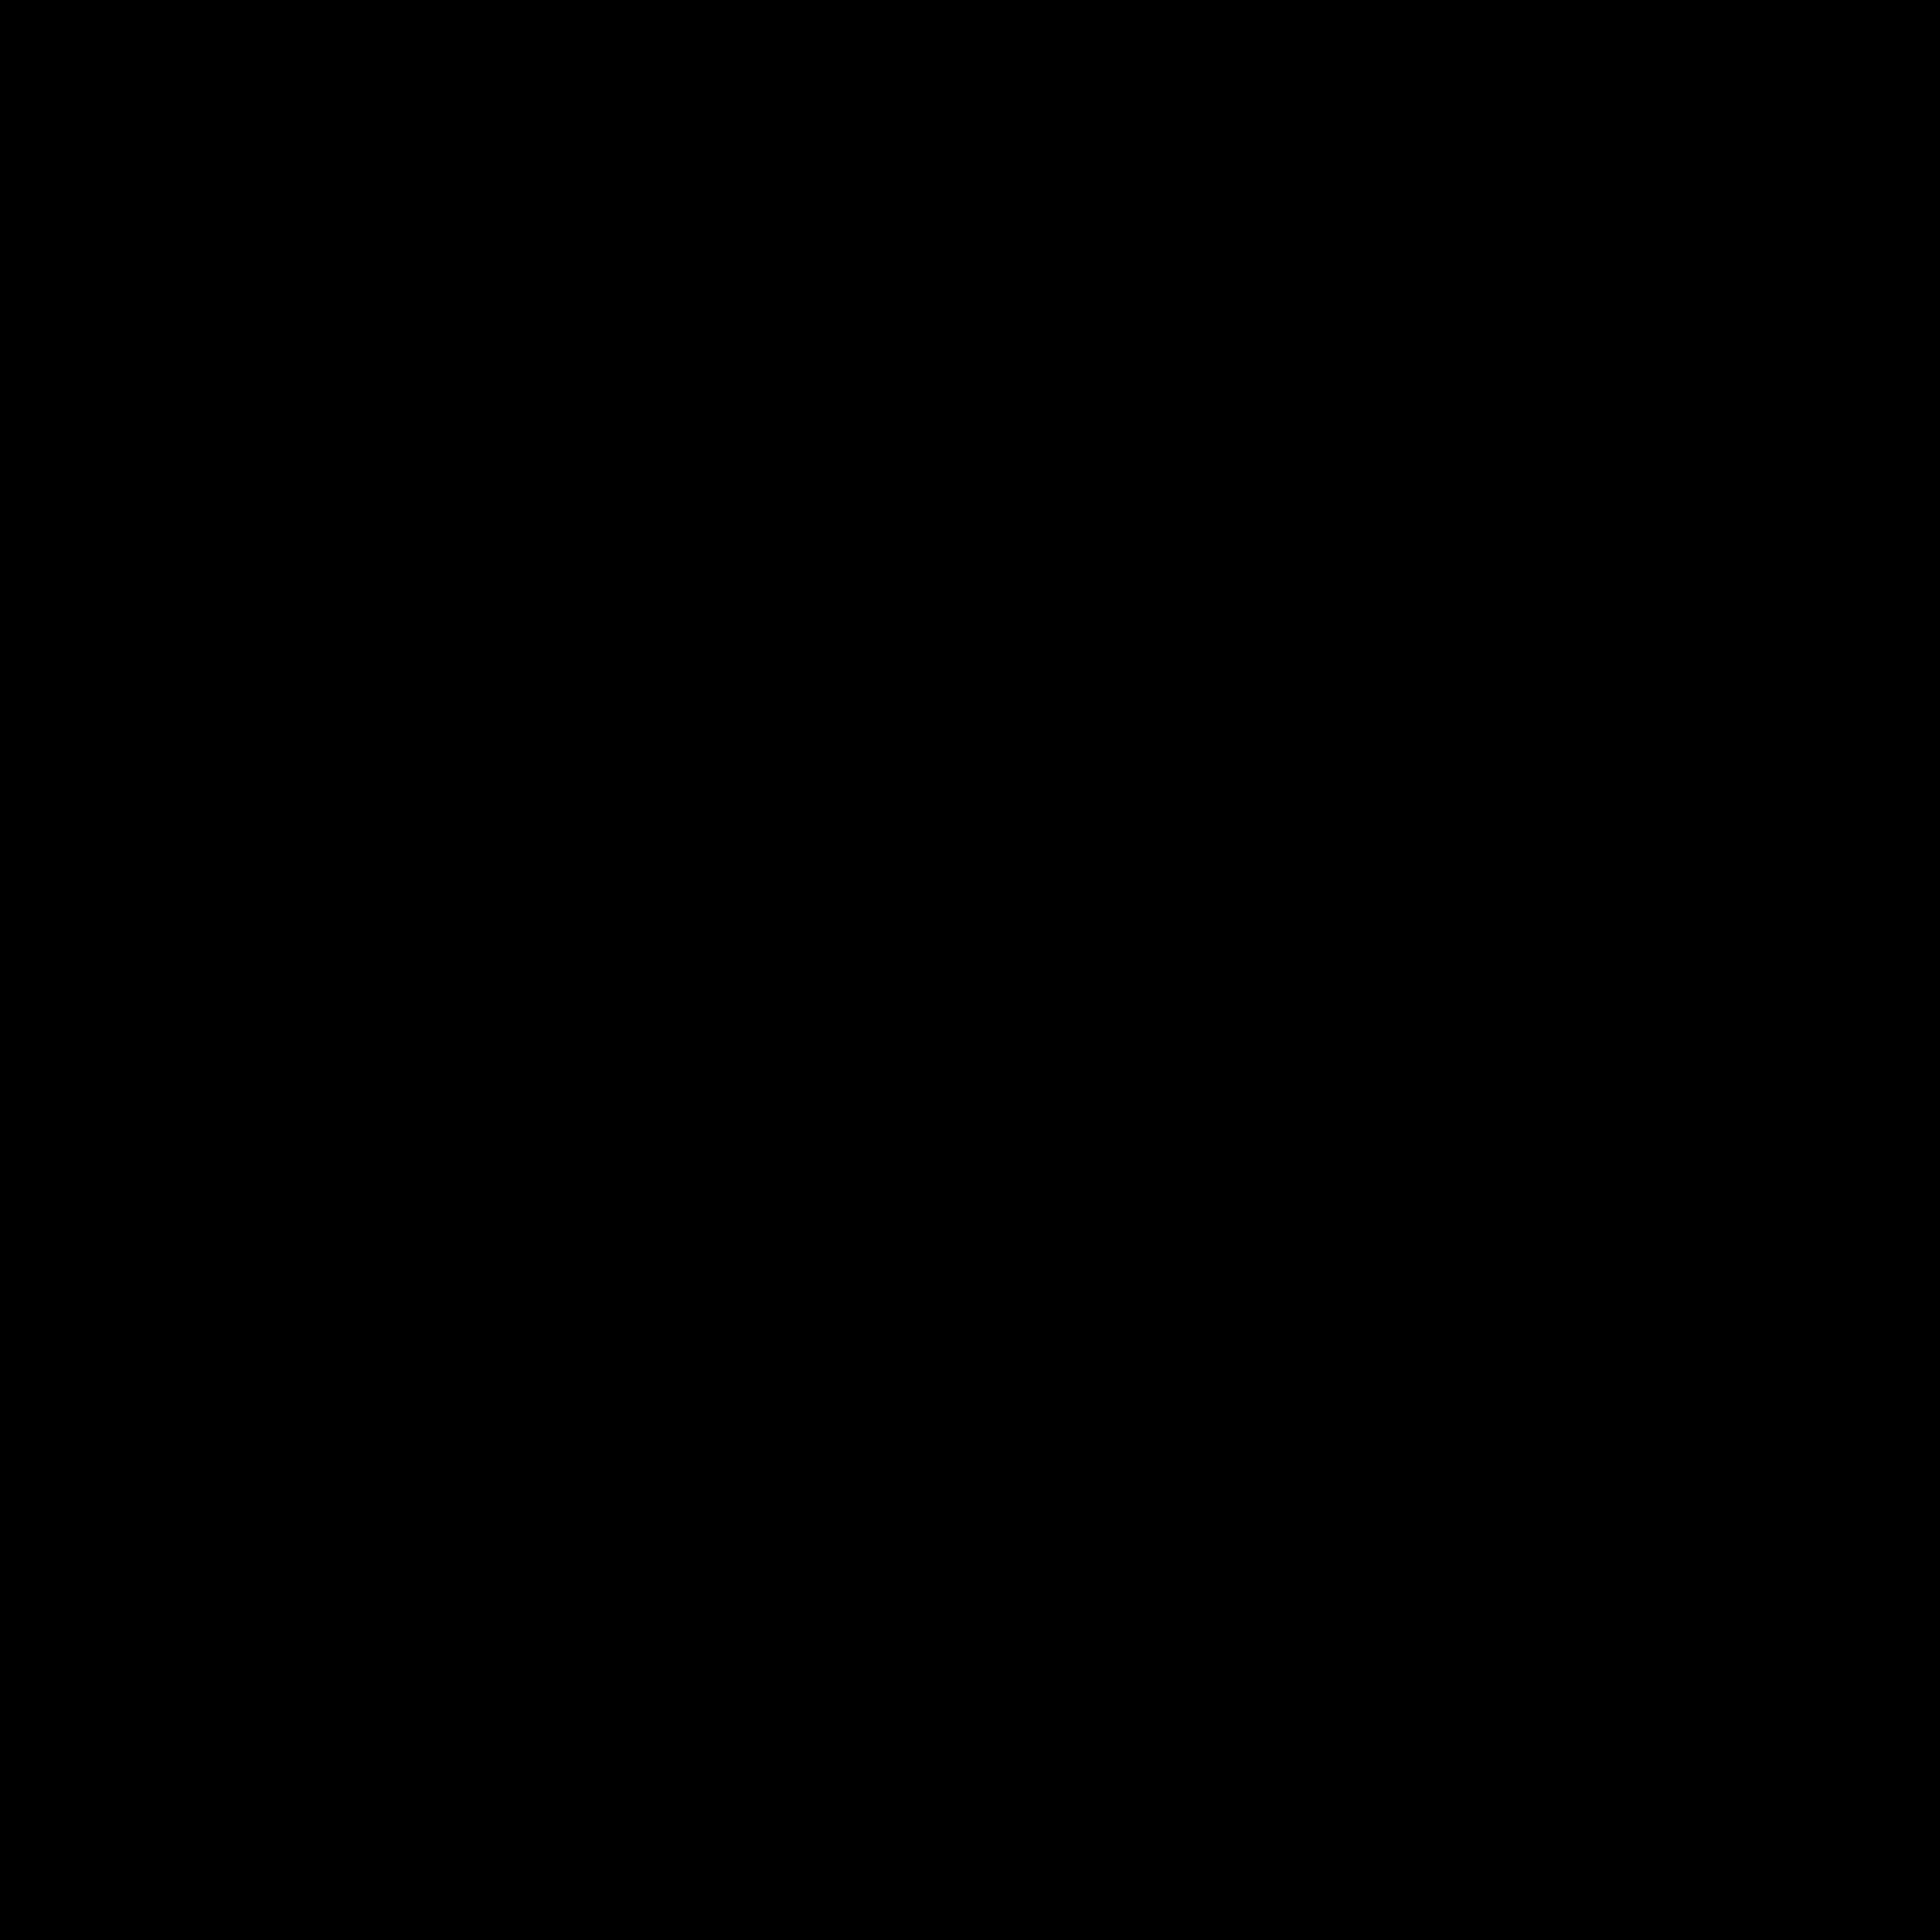 photographe-corporate-reportage-entreprise-packshot-produit-portrait-magalogue